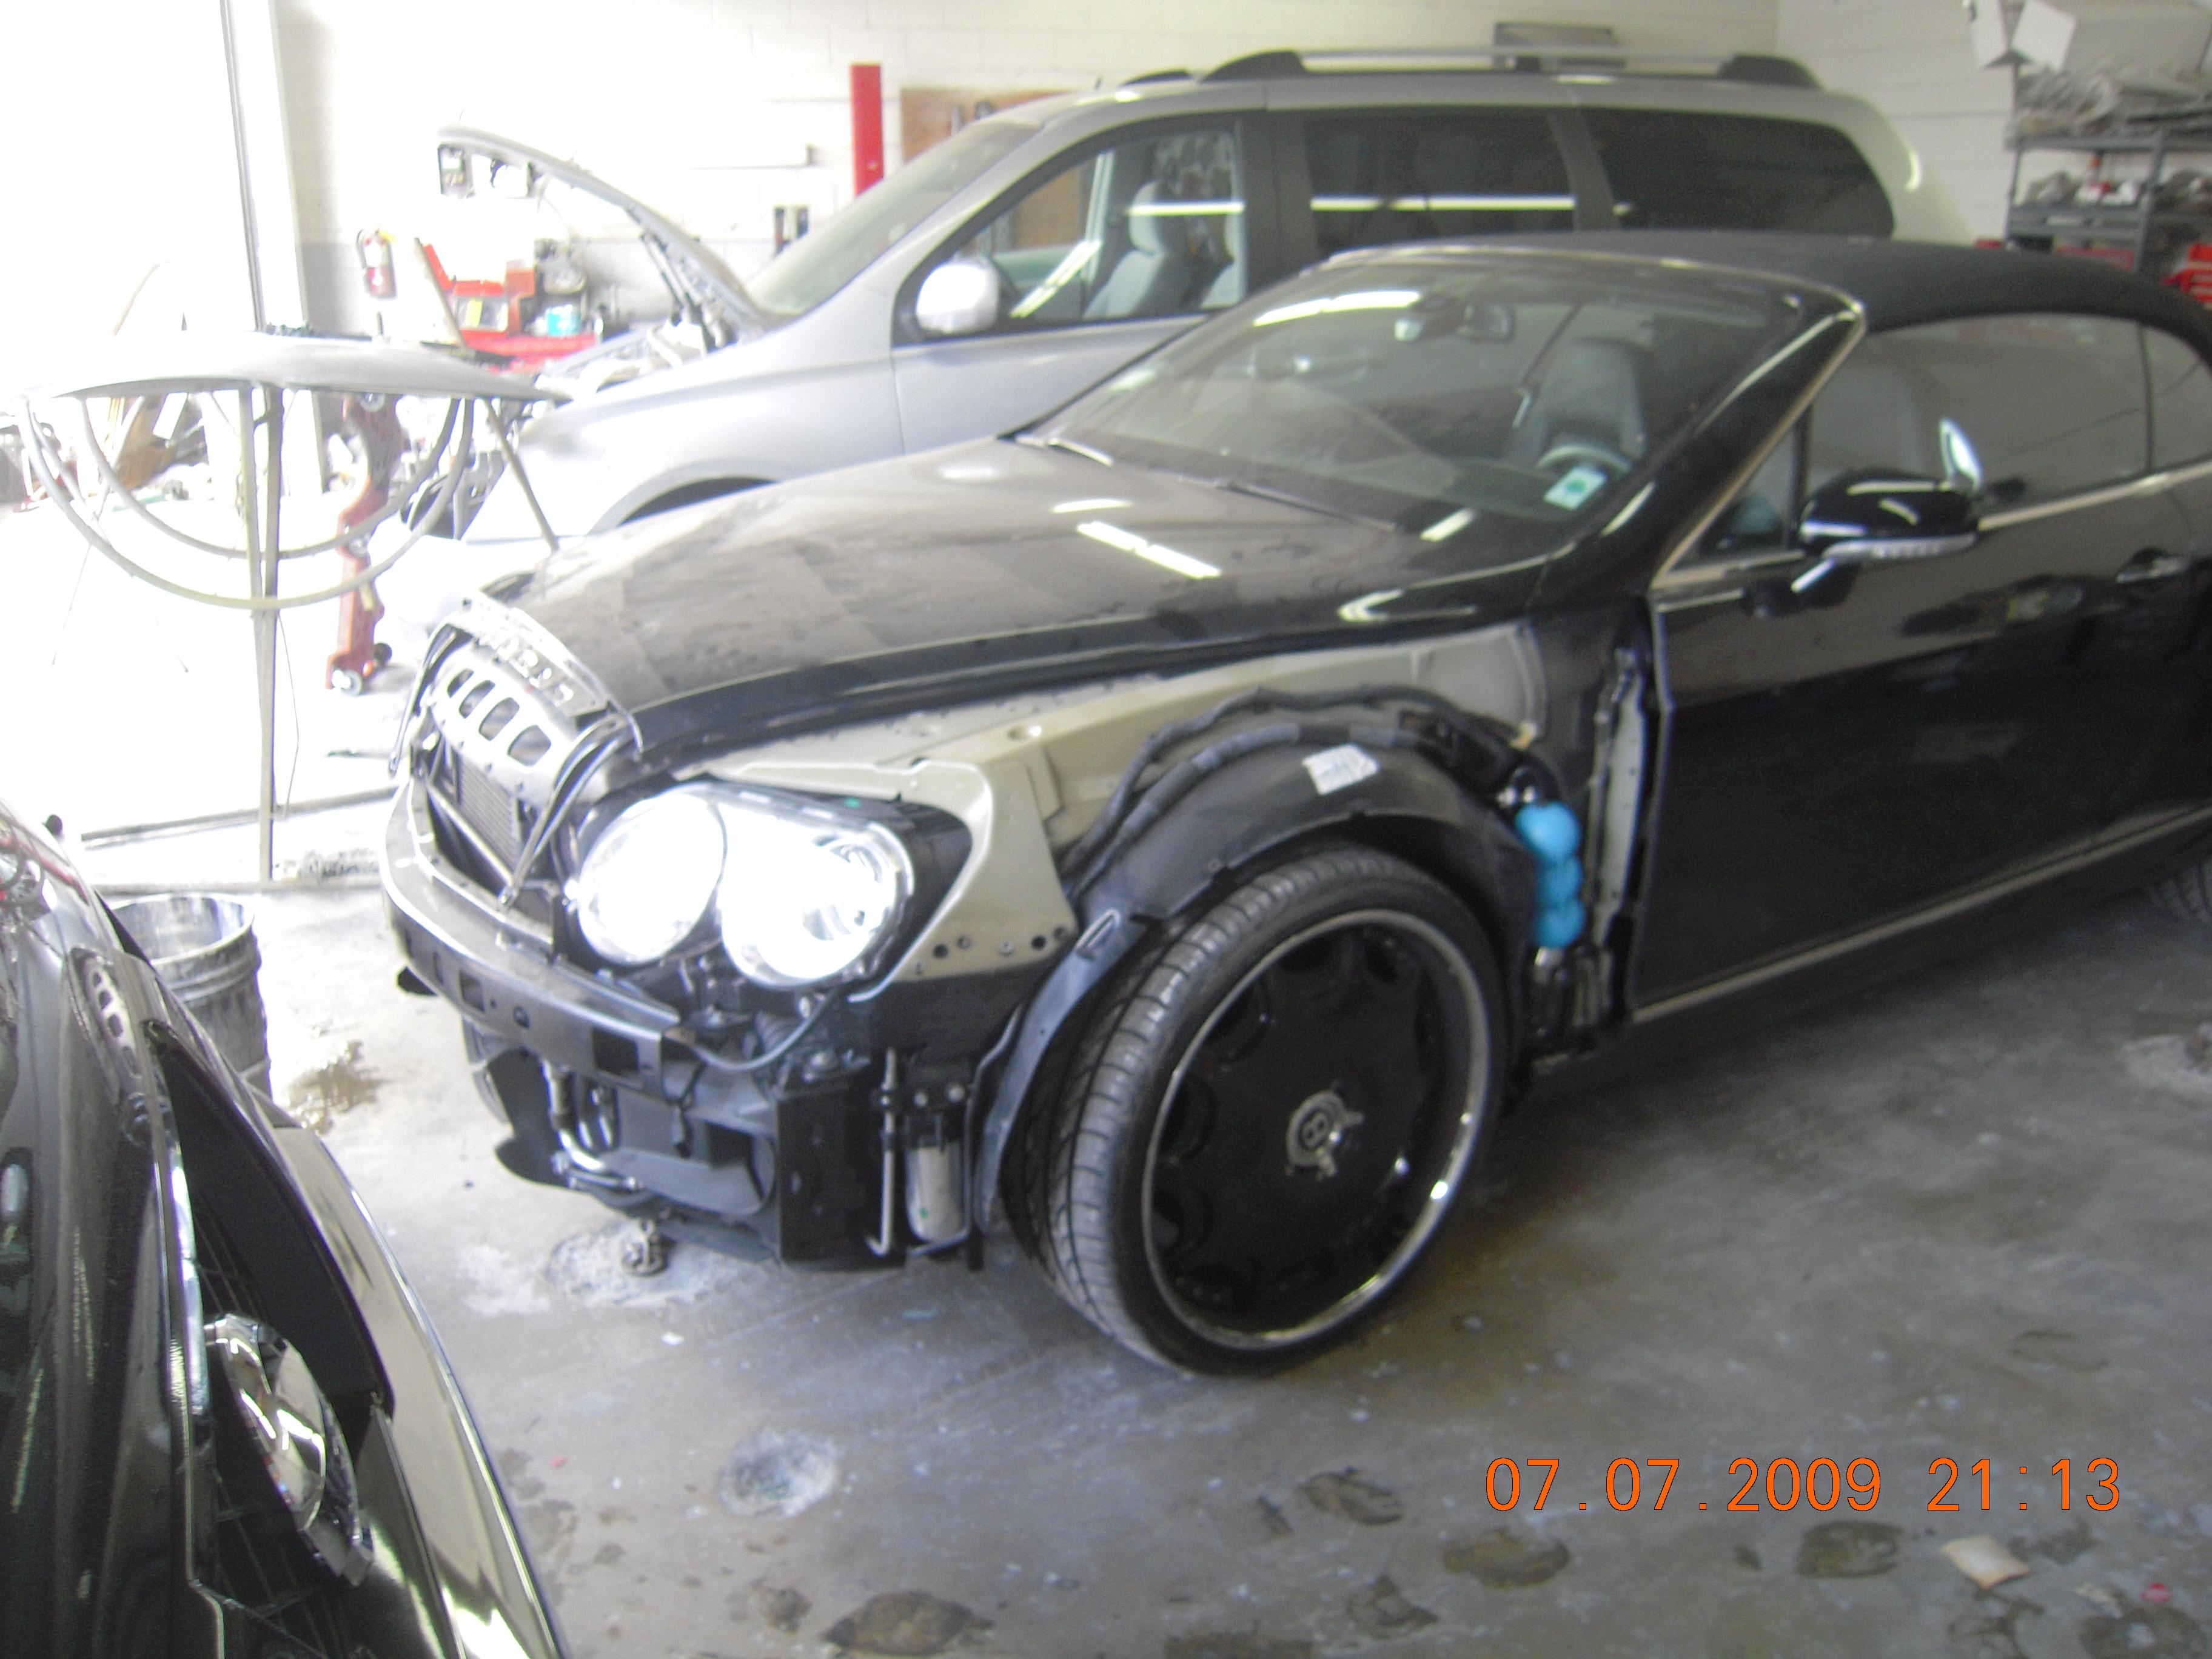 West coast auto insurance services Foto